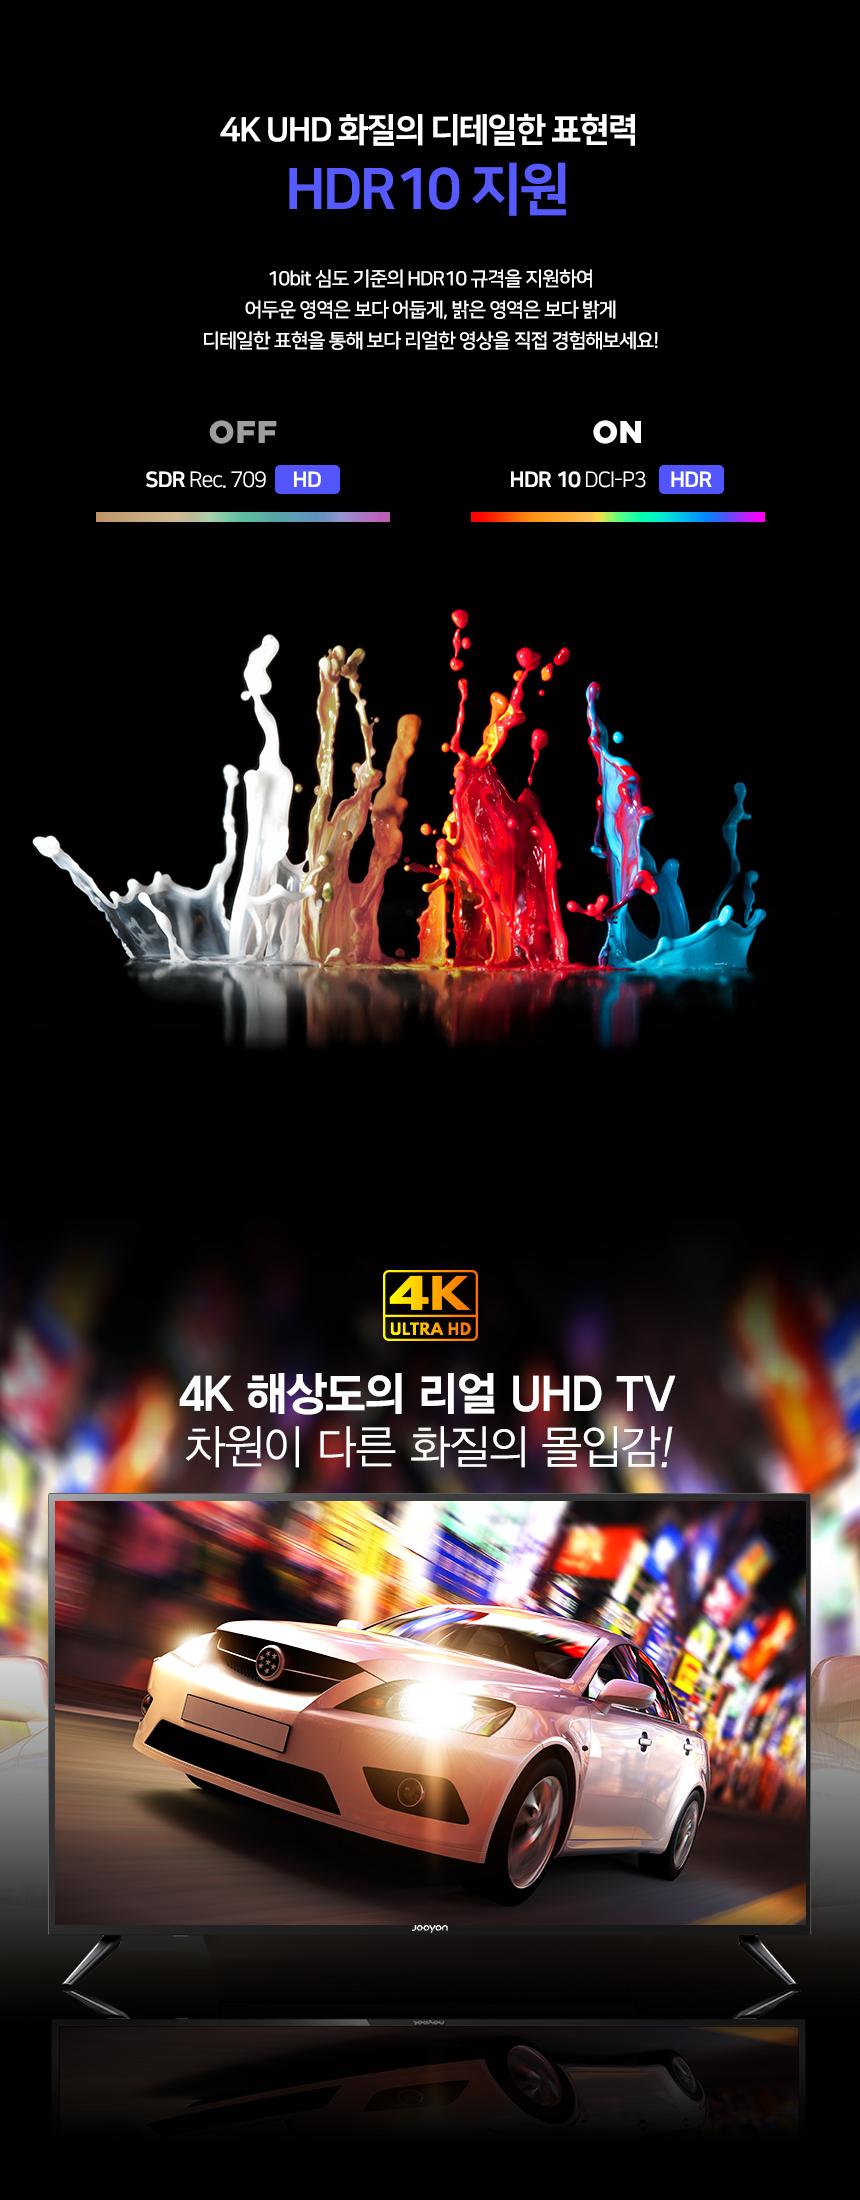 주연전자 55인치 무결점 UHD HDR_LG패널_H5502UKHDR659,000원-다온비지니스생활/가전, 생활가전, TV, 스탠드바보사랑주연전자 55인치 무결점 UHD HDR_LG패널_H5502UKHDR659,000원-다온비지니스생활/가전, 생활가전, TV, 스탠드바보사랑